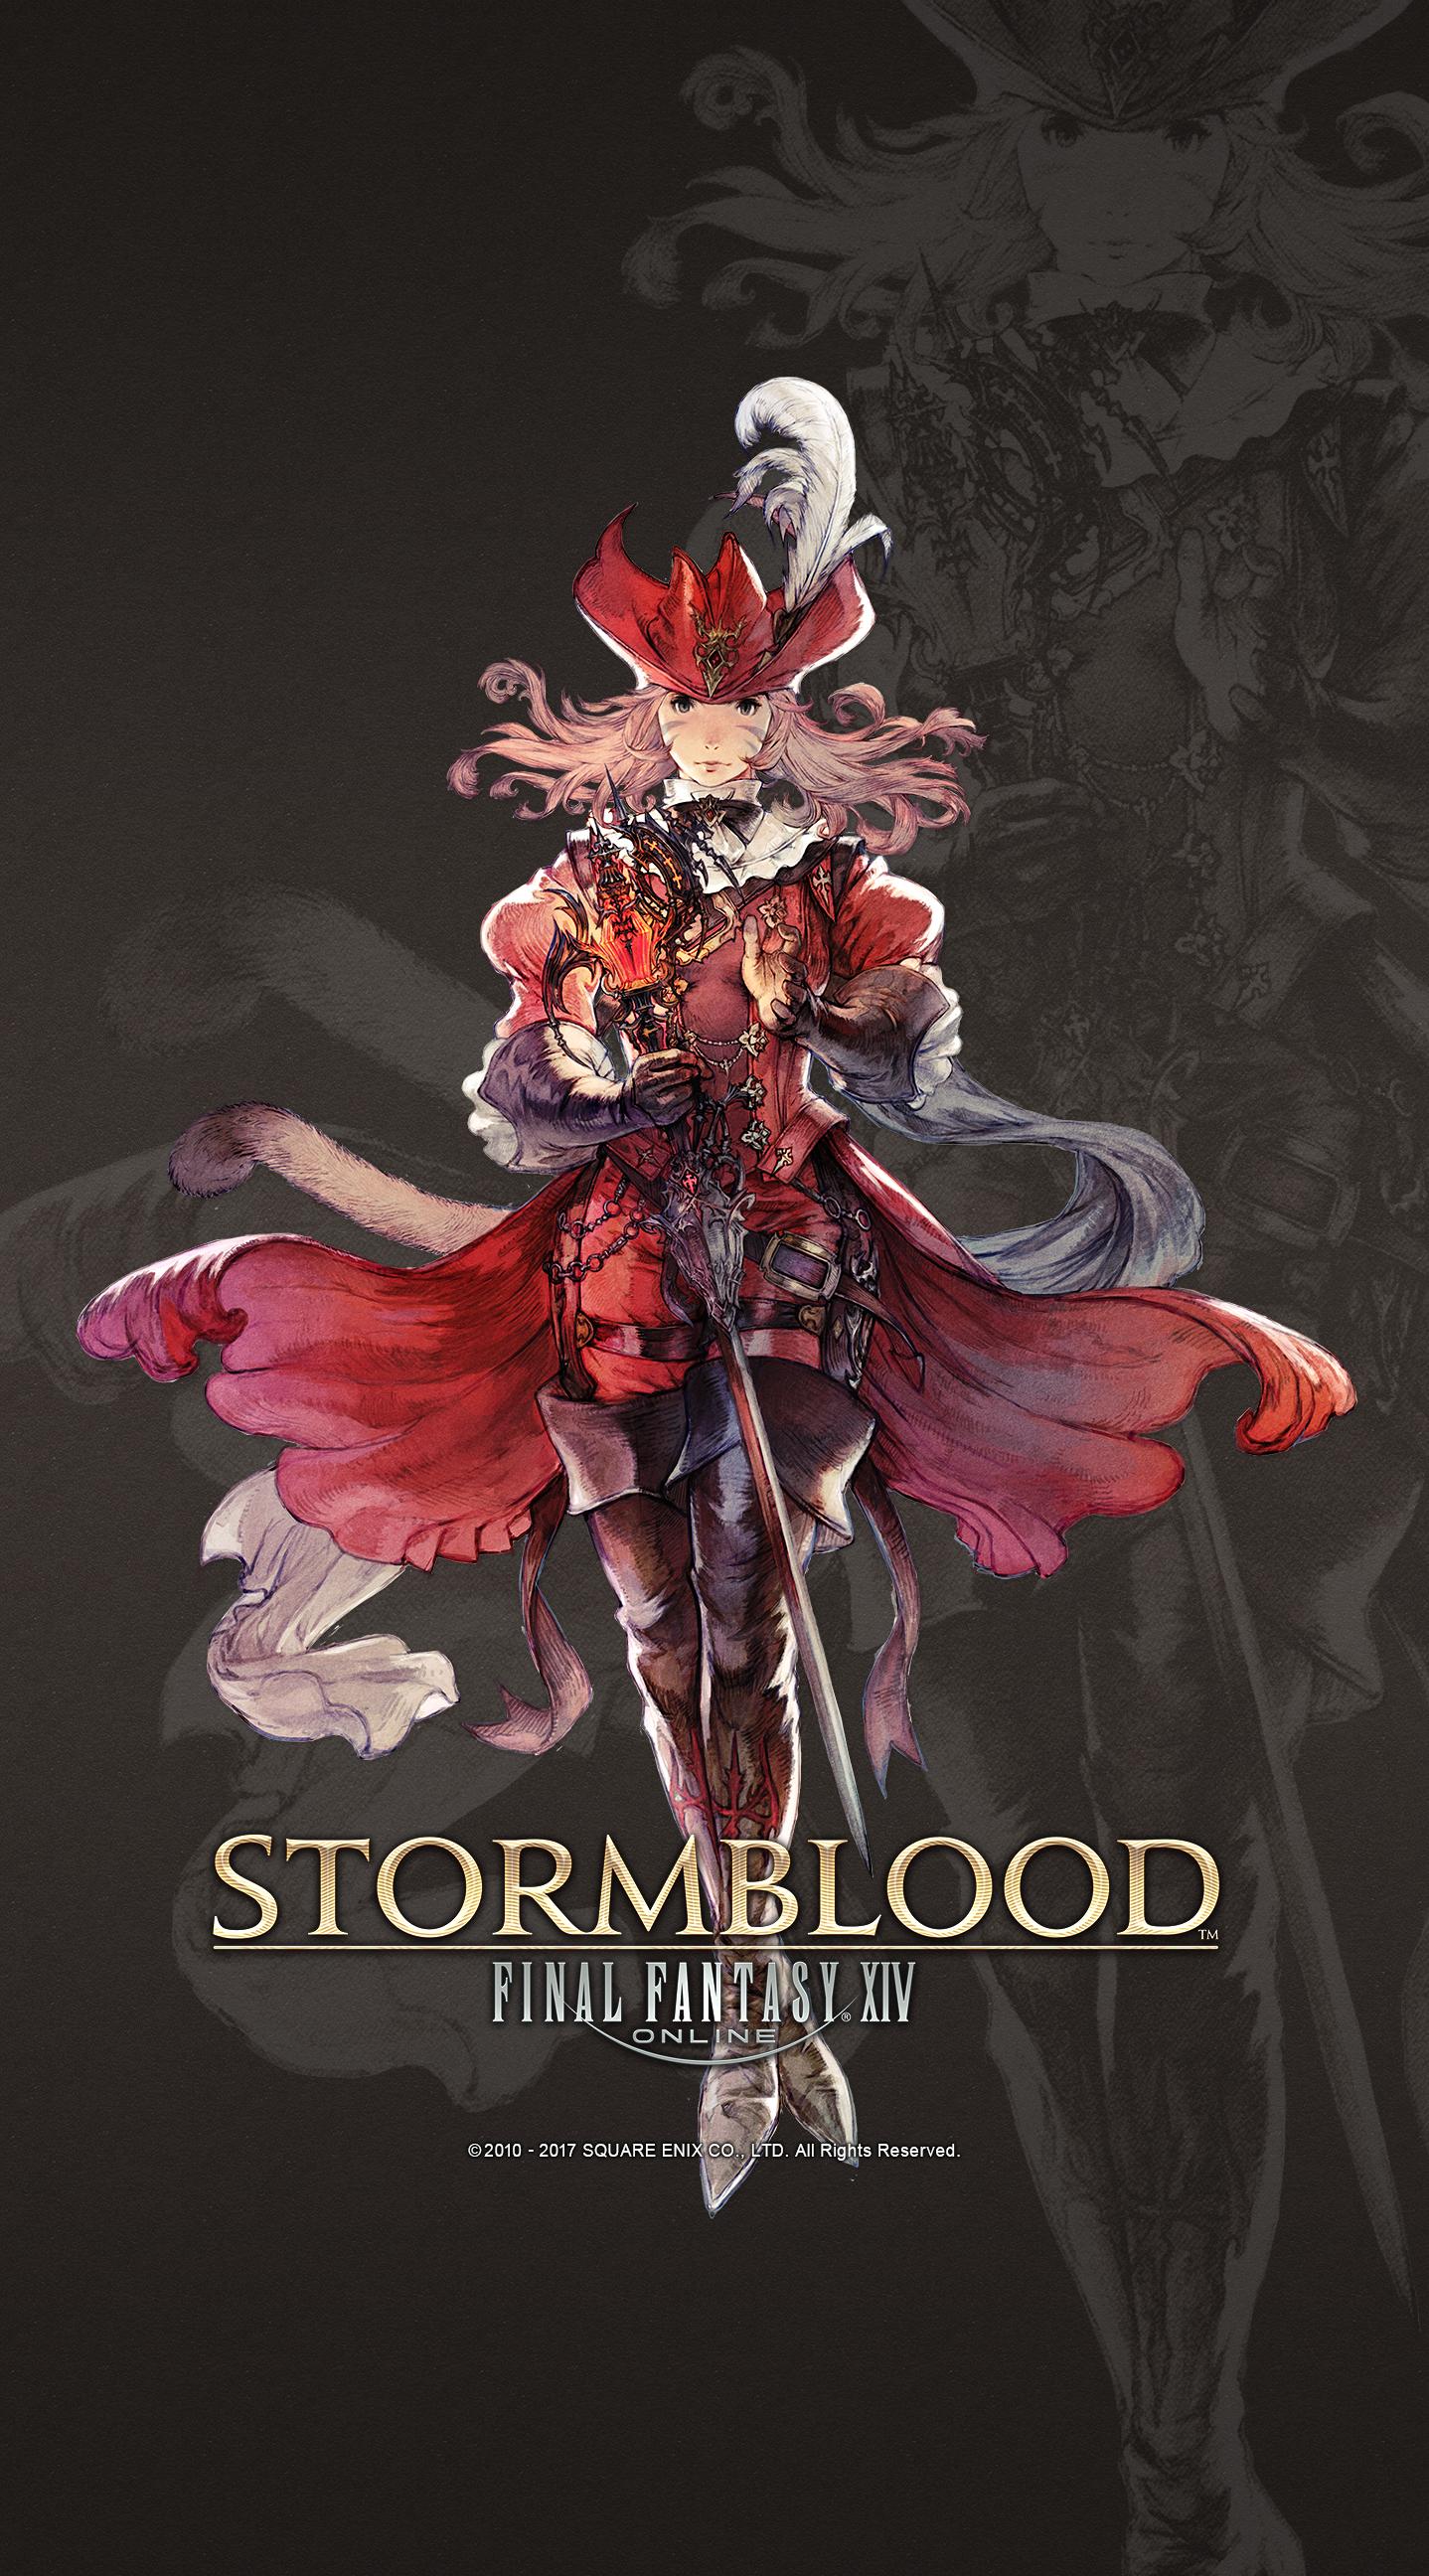 Final Fantasy Xiv Fan Kit Released Final Fantasy Xiv The Lodestone